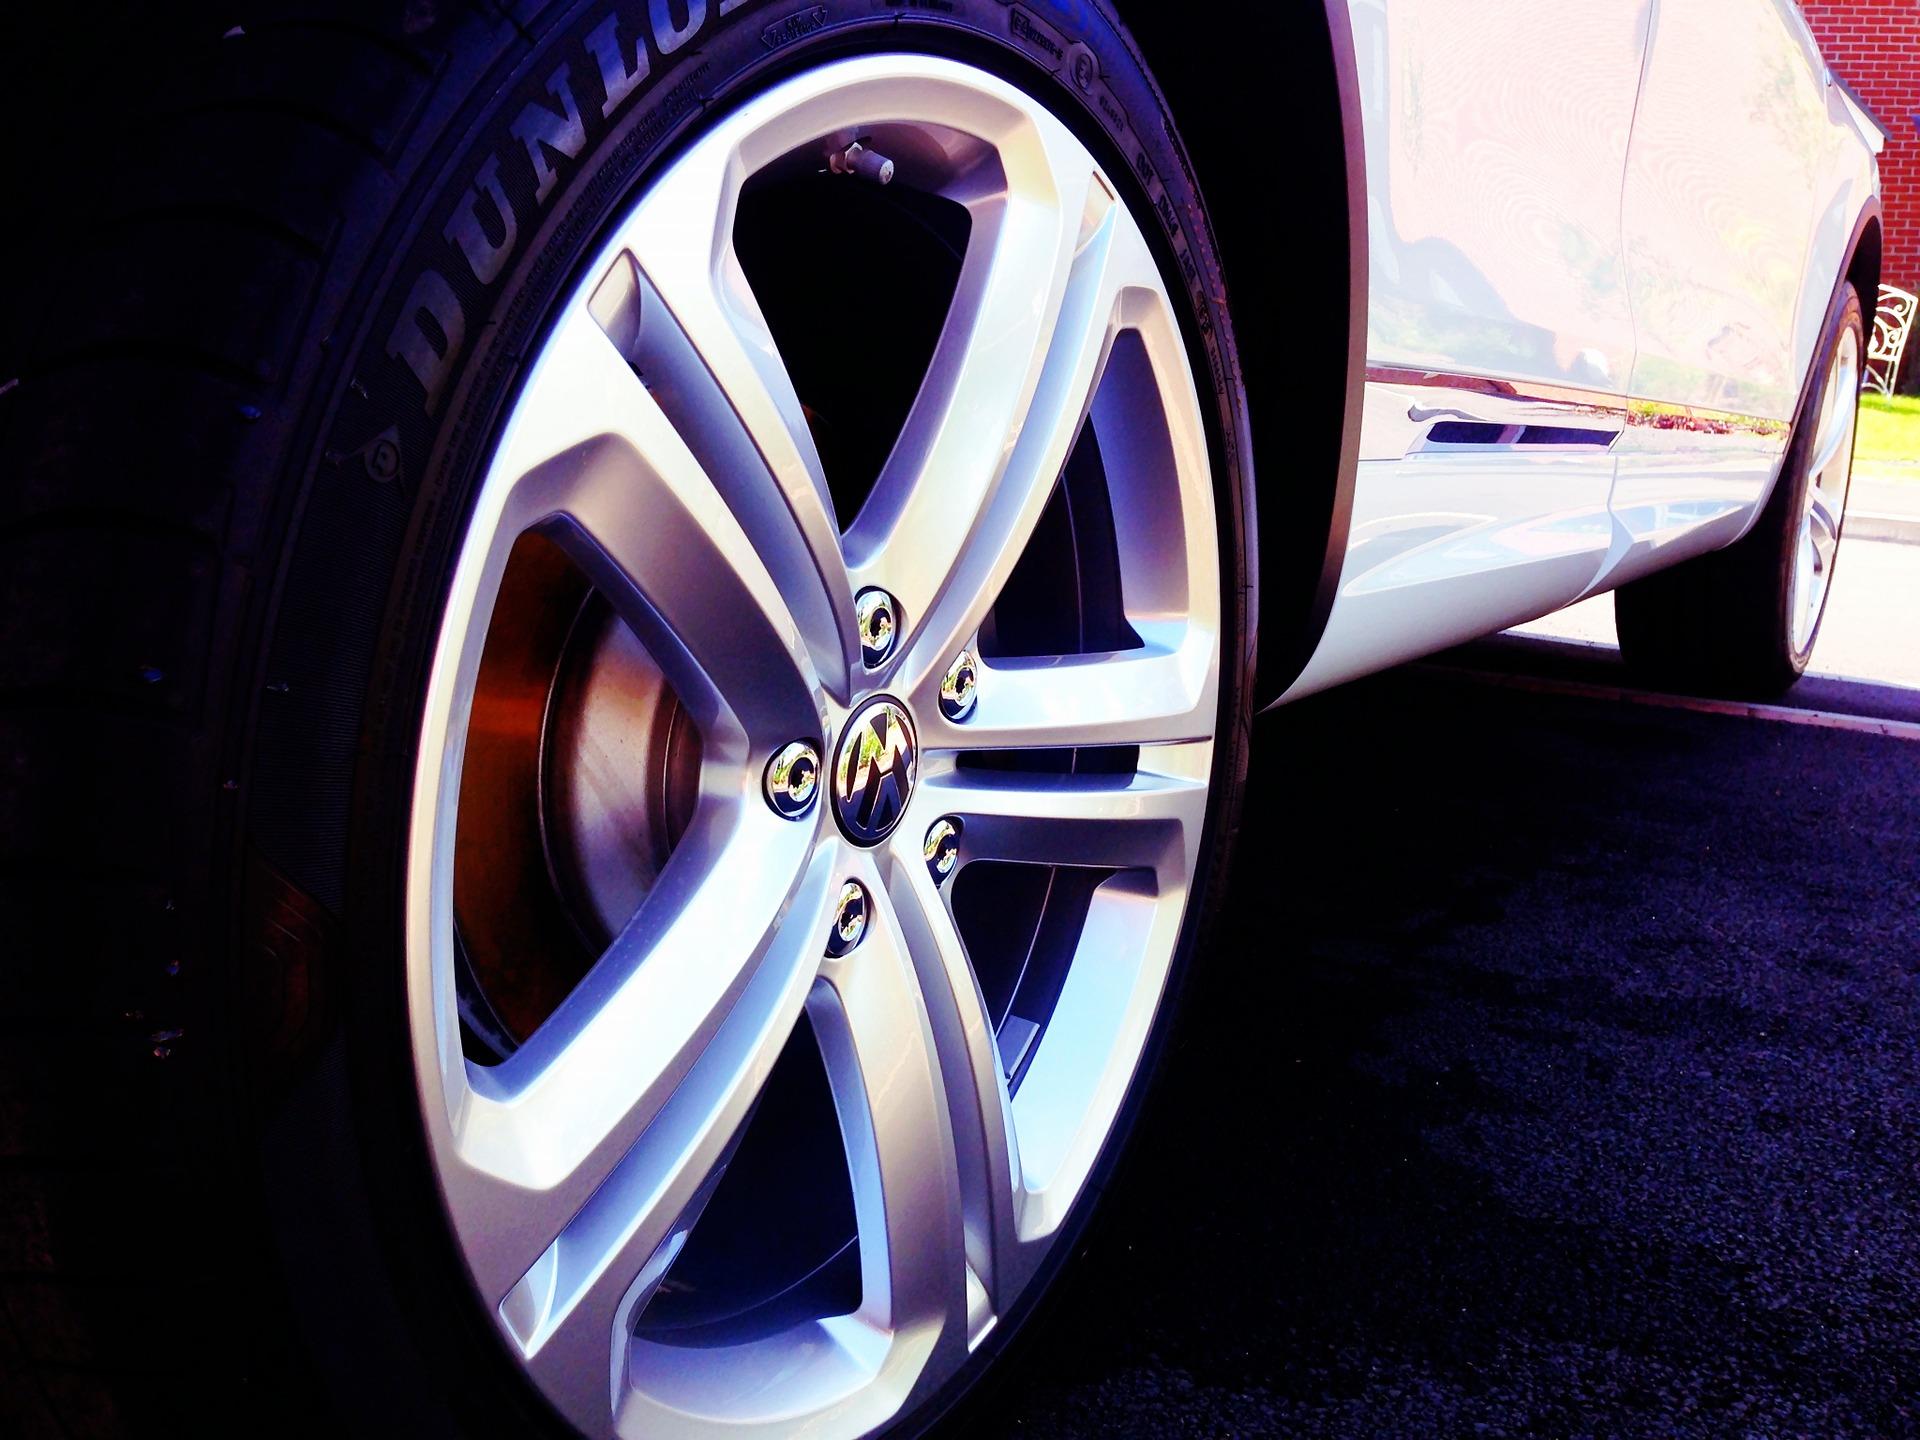 Imagem mostra um pneu de um automóvel em destaque.